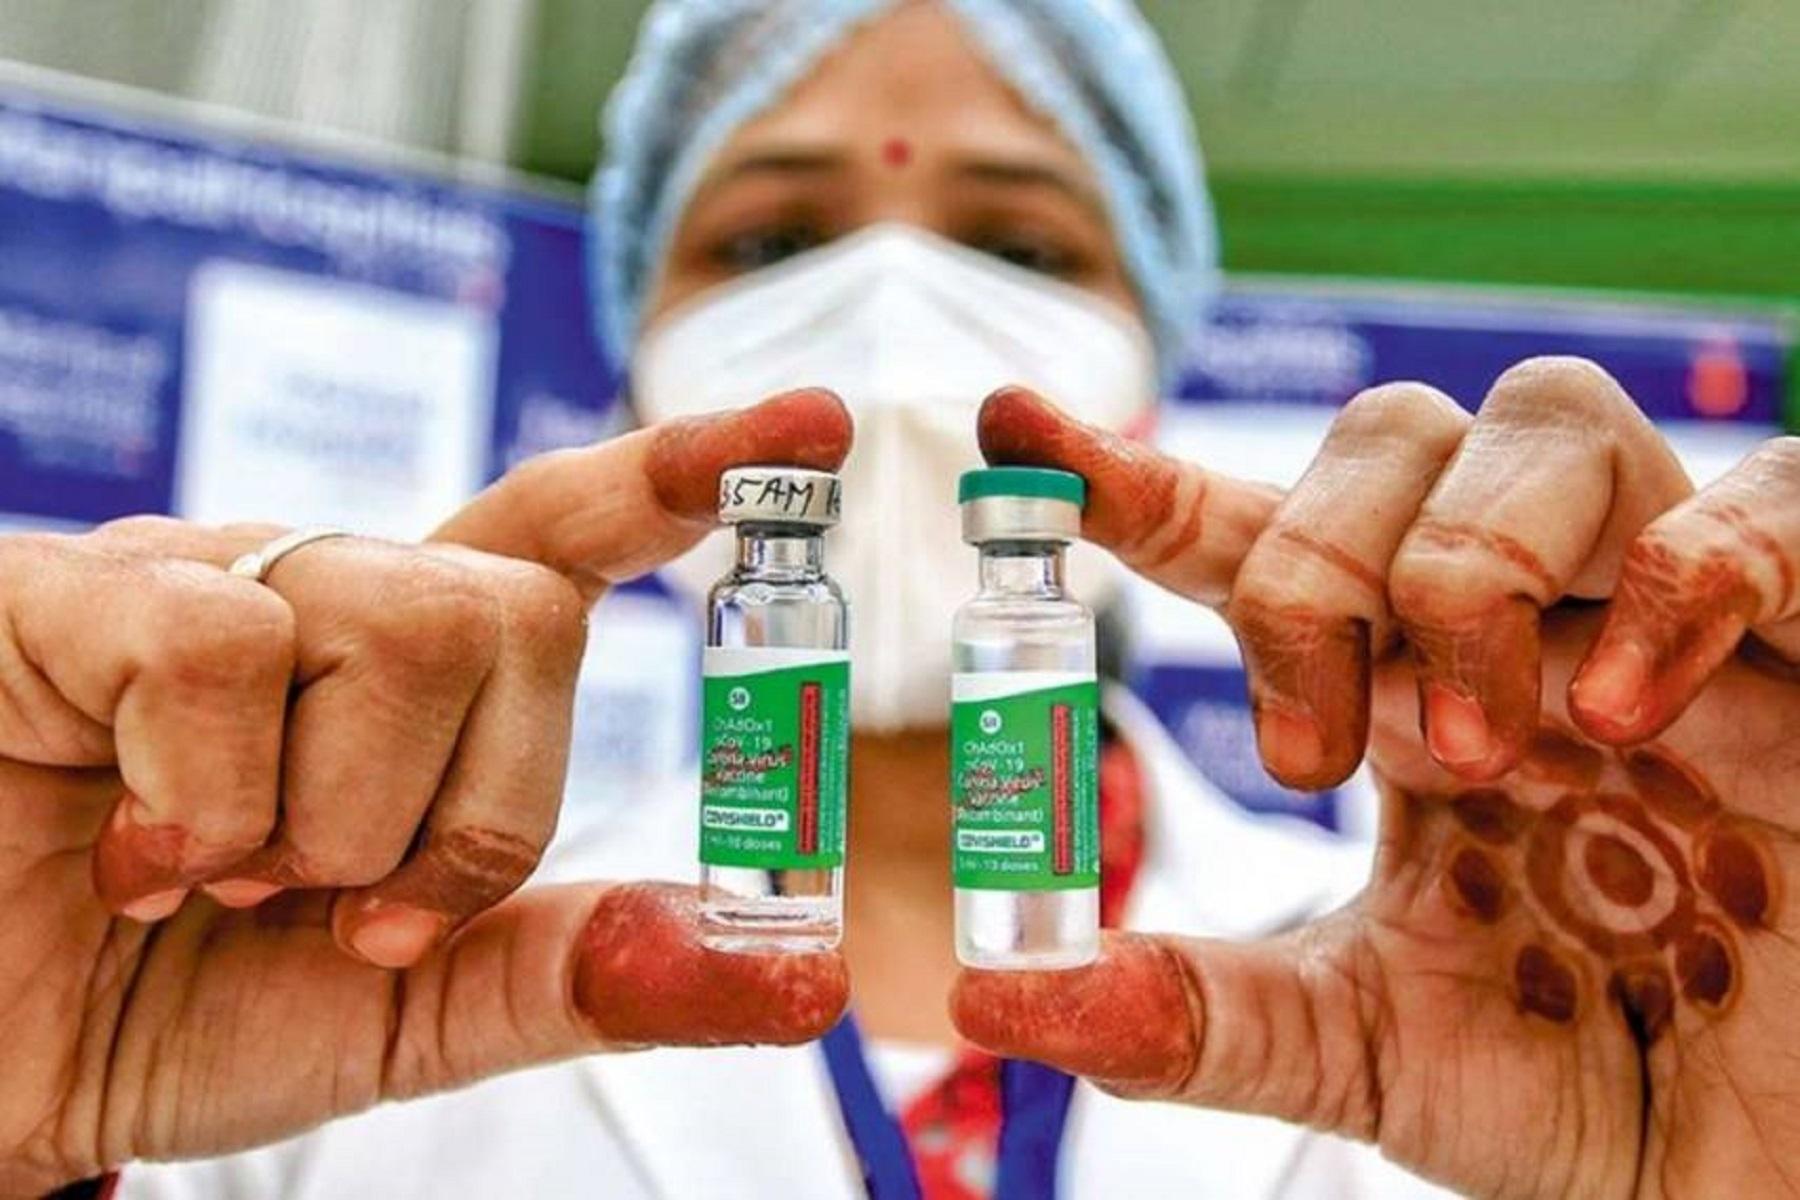 Ινδία Γιατροί: Βασικά ζητήματα που αφορούν την αποτυχία επαρκούς προγραμματισμού και ανάπτυξης εμβολίων COVID-19.